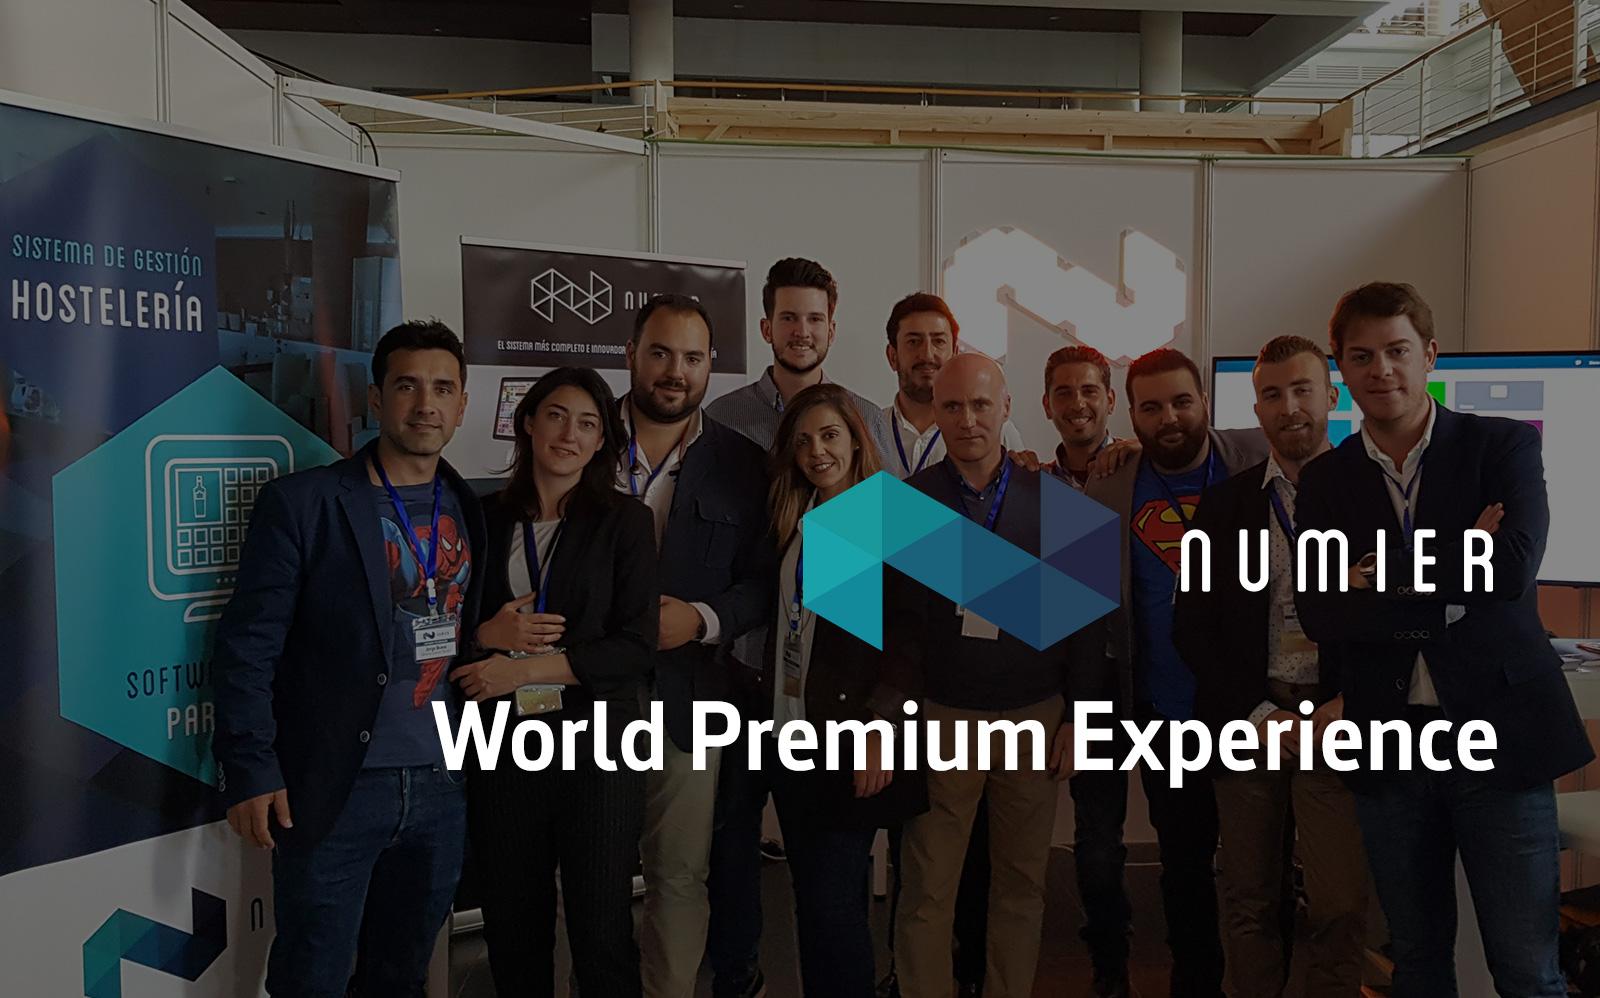 Numier en la World Premium Experience 2018